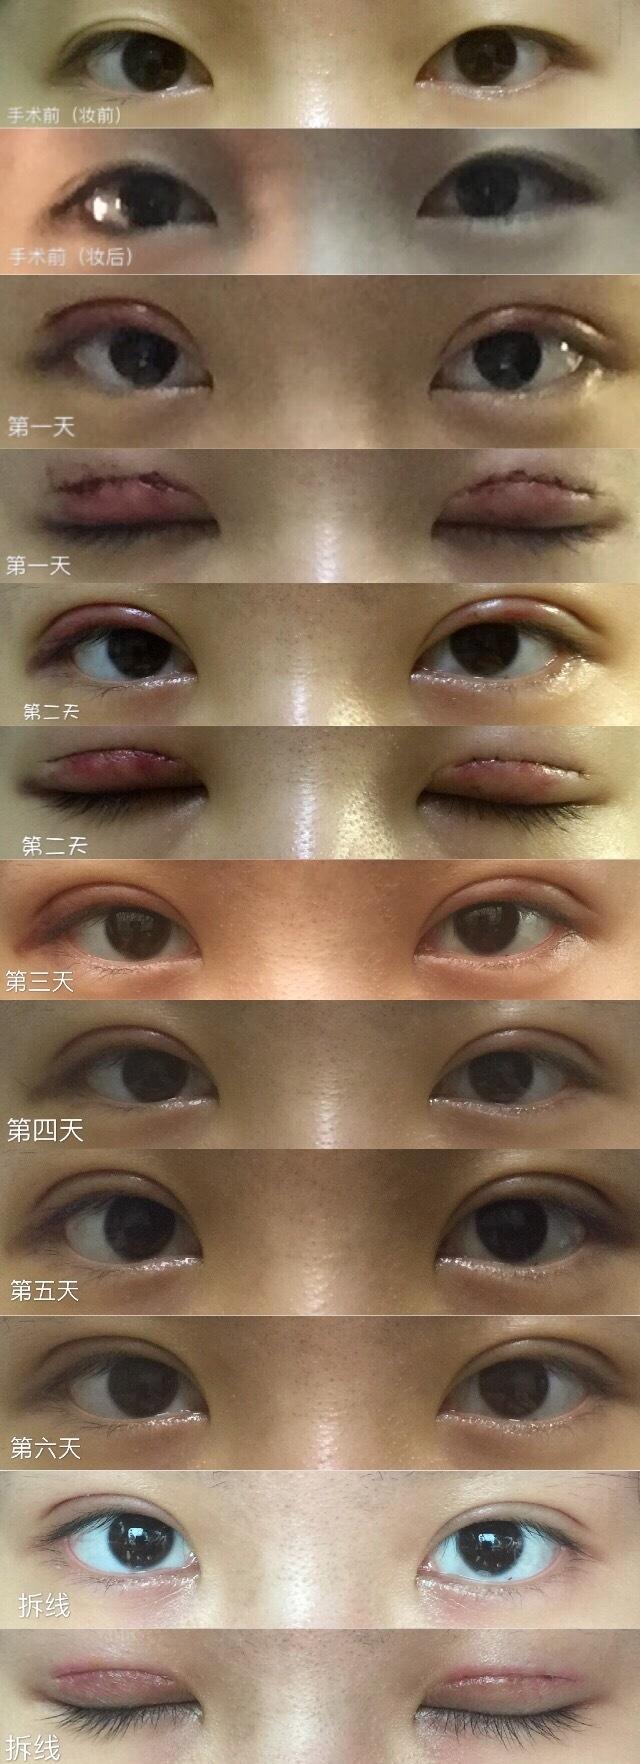 长沙爱思特郑颖平医生做的美式亮瞳双眼皮 手术价格是5840元